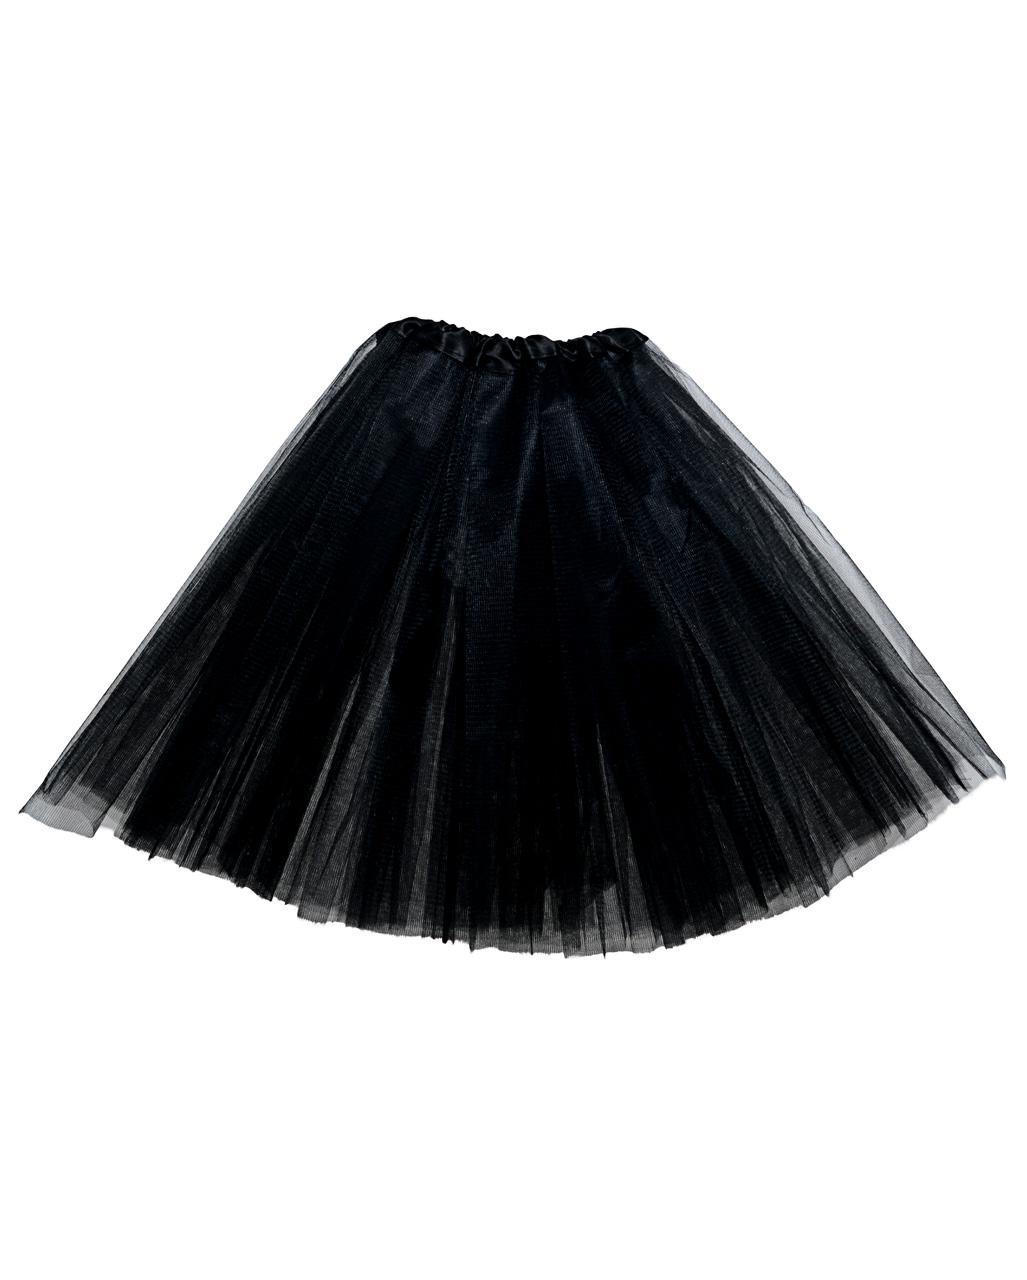 5ba06bcb6271 Ballerina Tutu für Kinder Schwarz